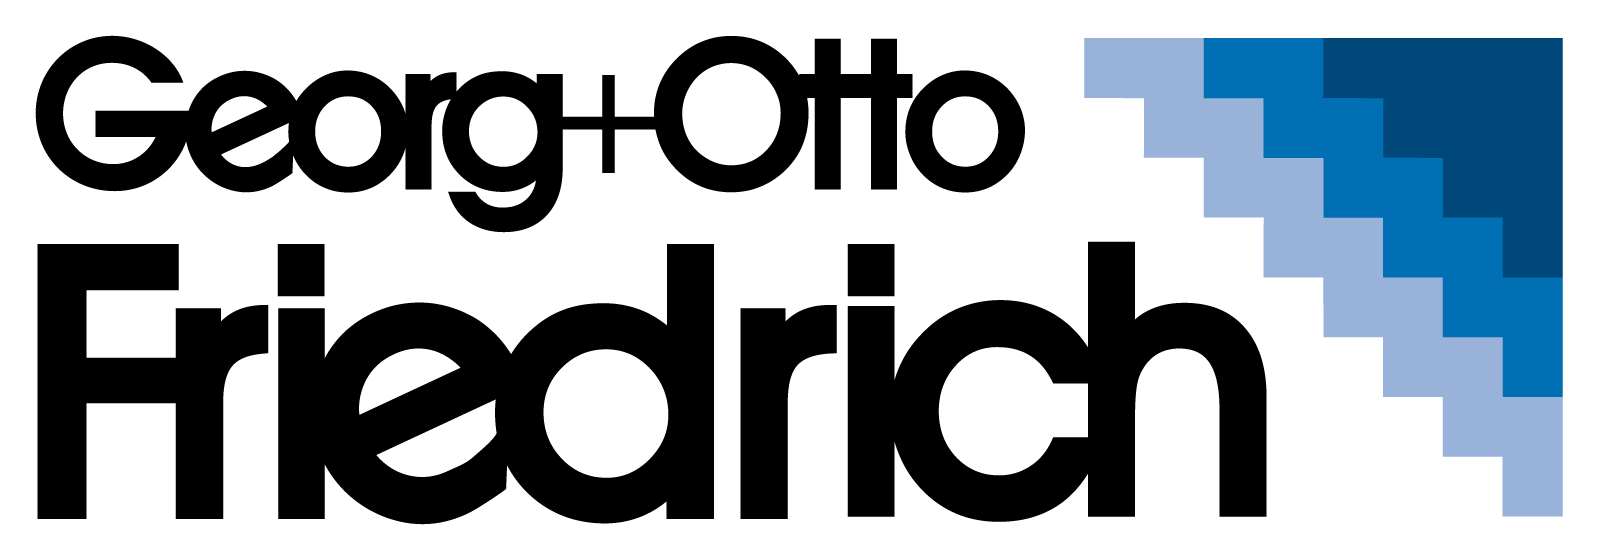 Georg+Otto Friedrich